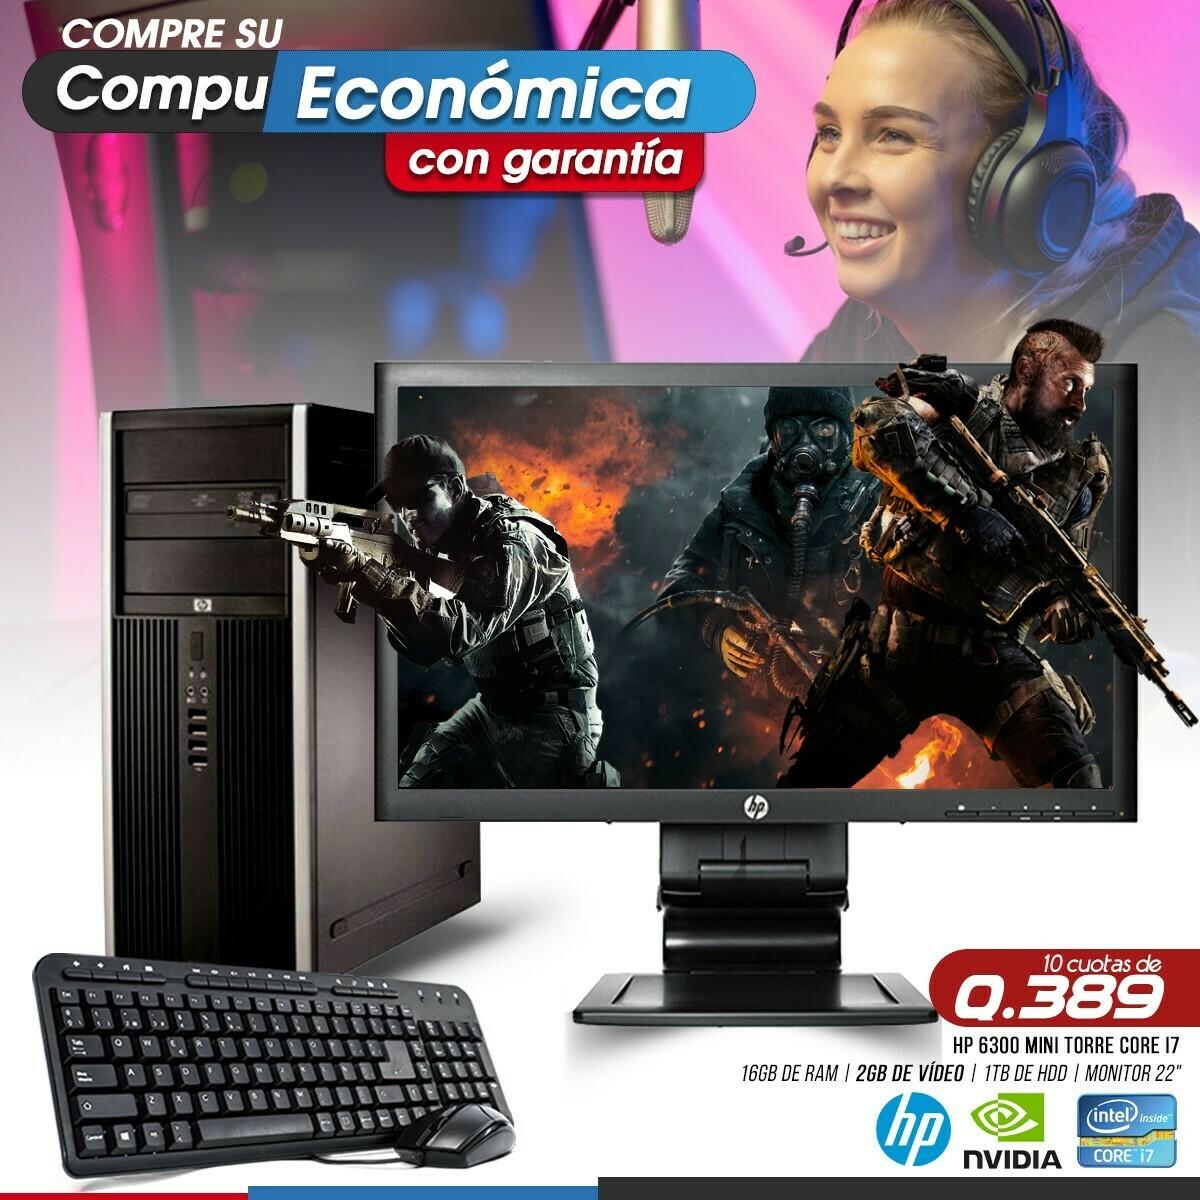 HP Elite Pro 8300 Core i7 Mini Torre